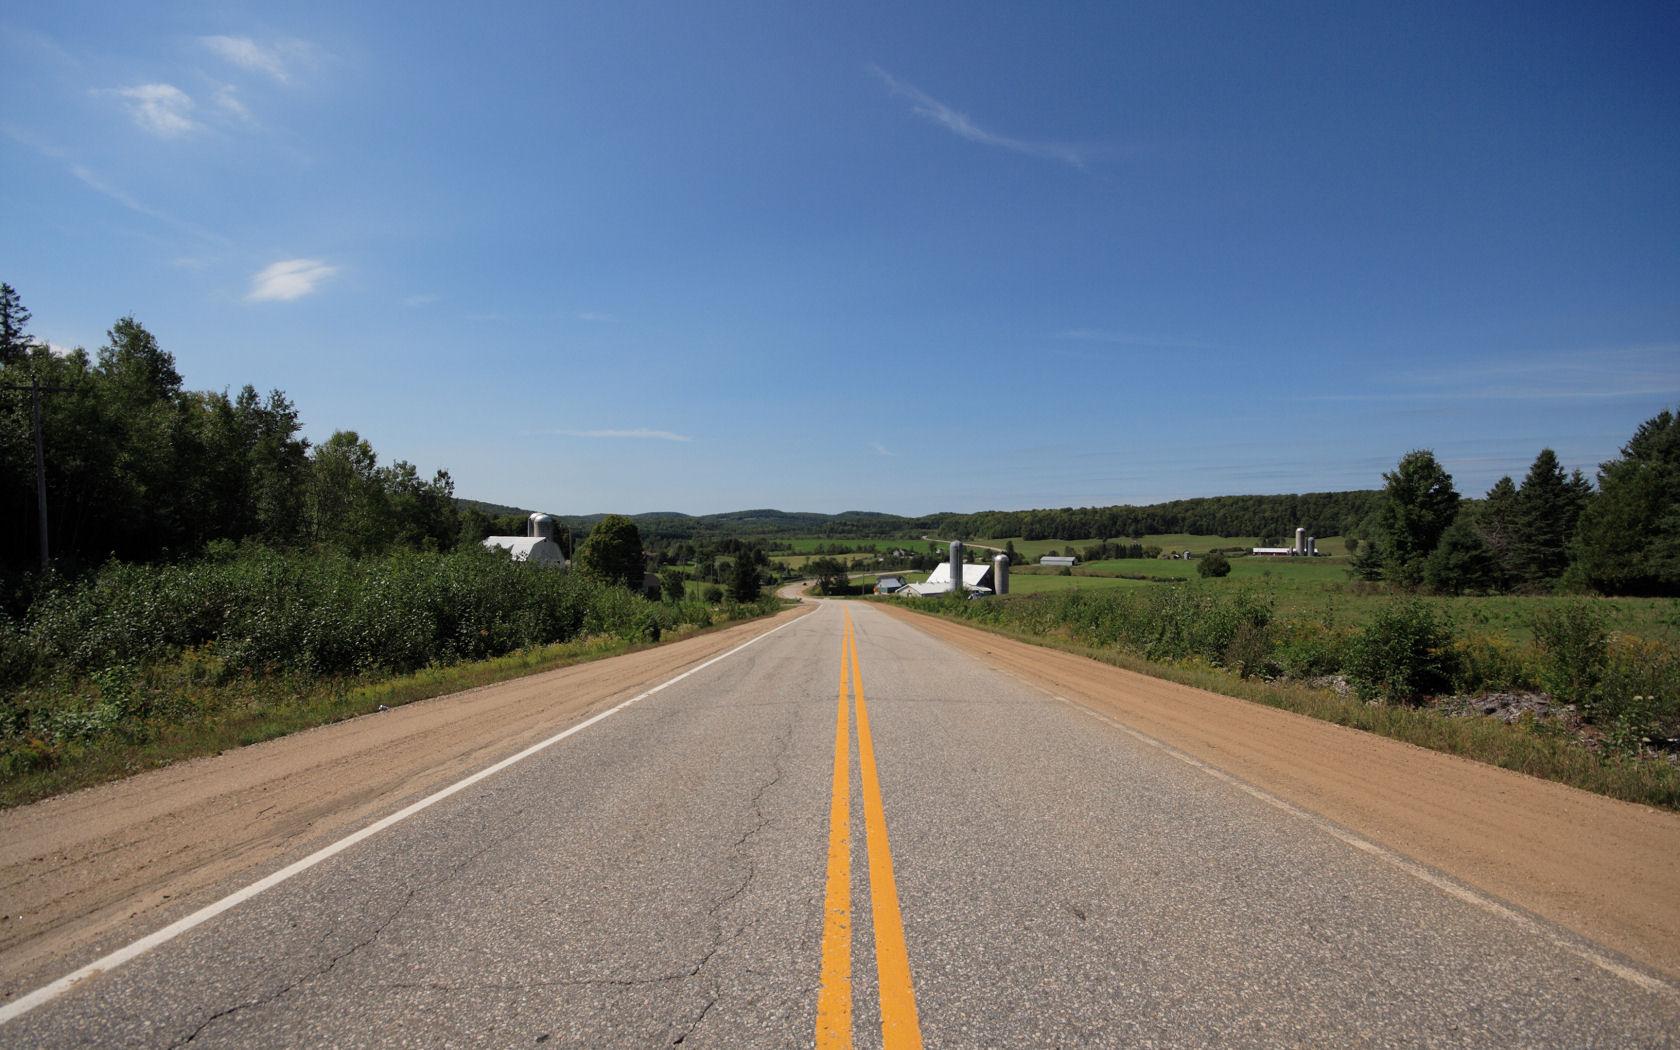 File:Route 315 vers Chénéville Québec.jpg - Wikimedia Commons